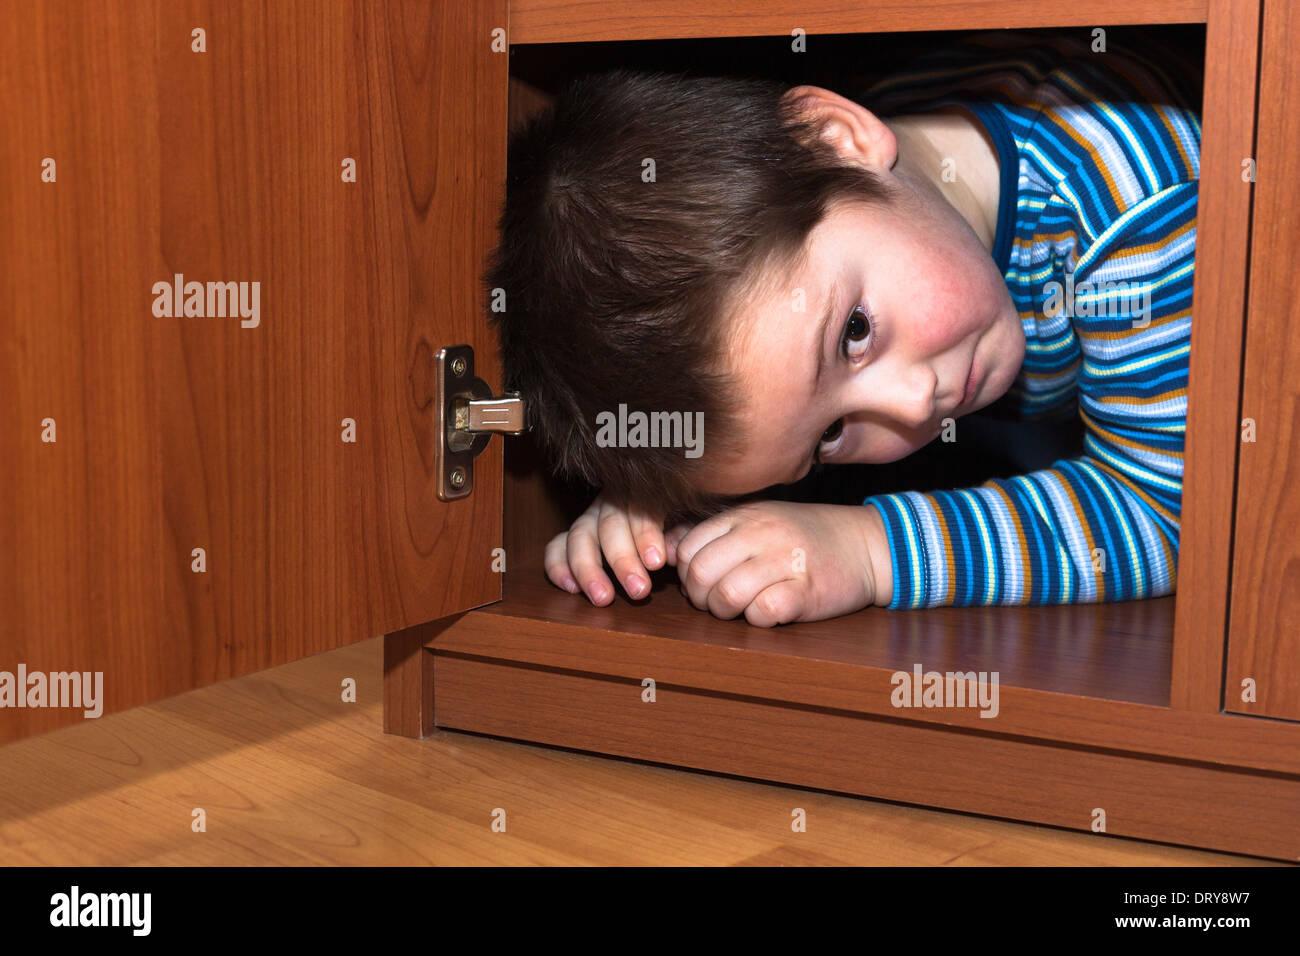 Angst Kind junge versteckt sich im Kleiderschrank Stockfoto